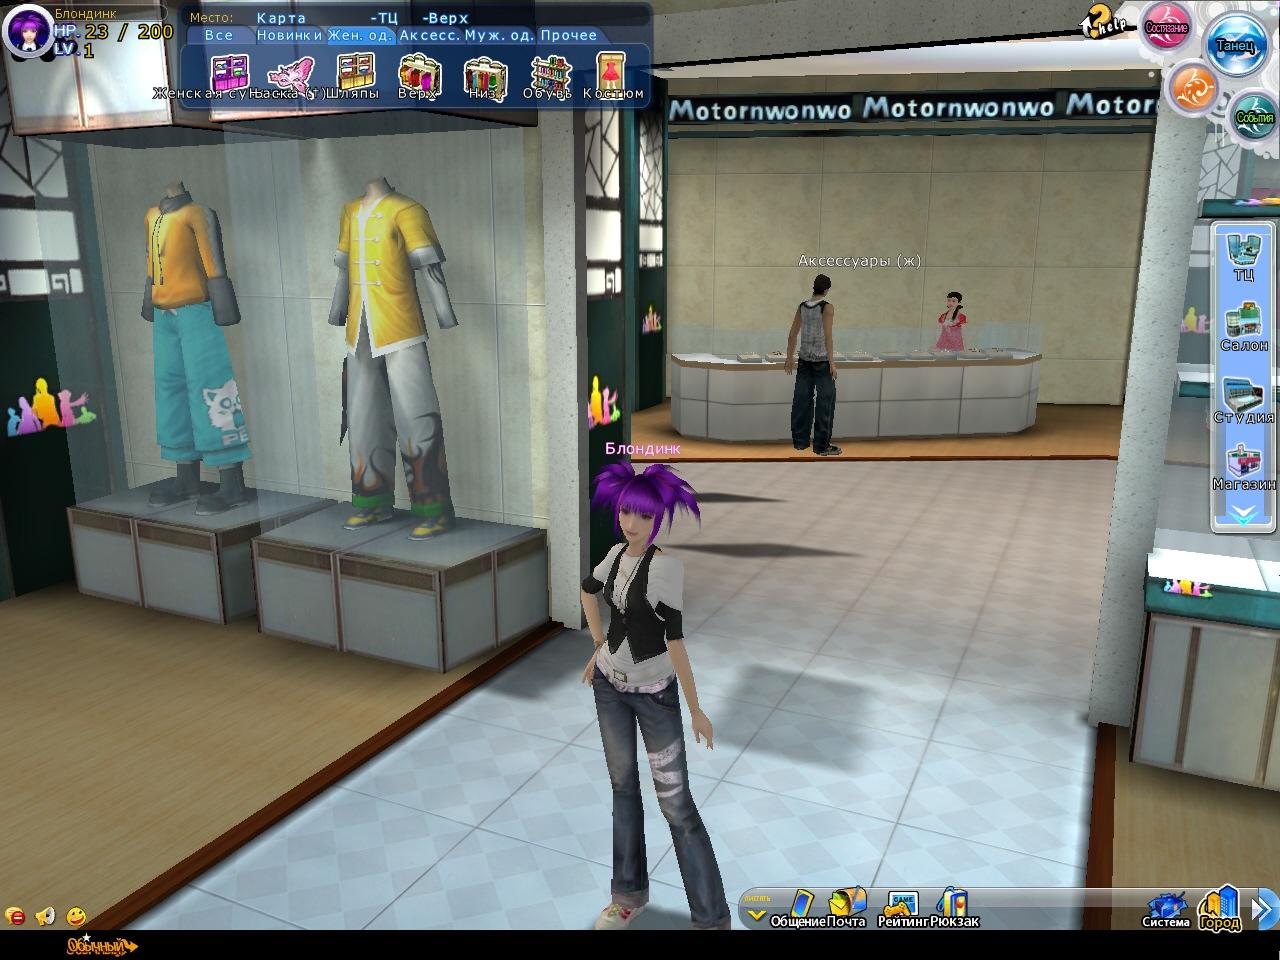 HighStreet 5 - кадр из игры 3